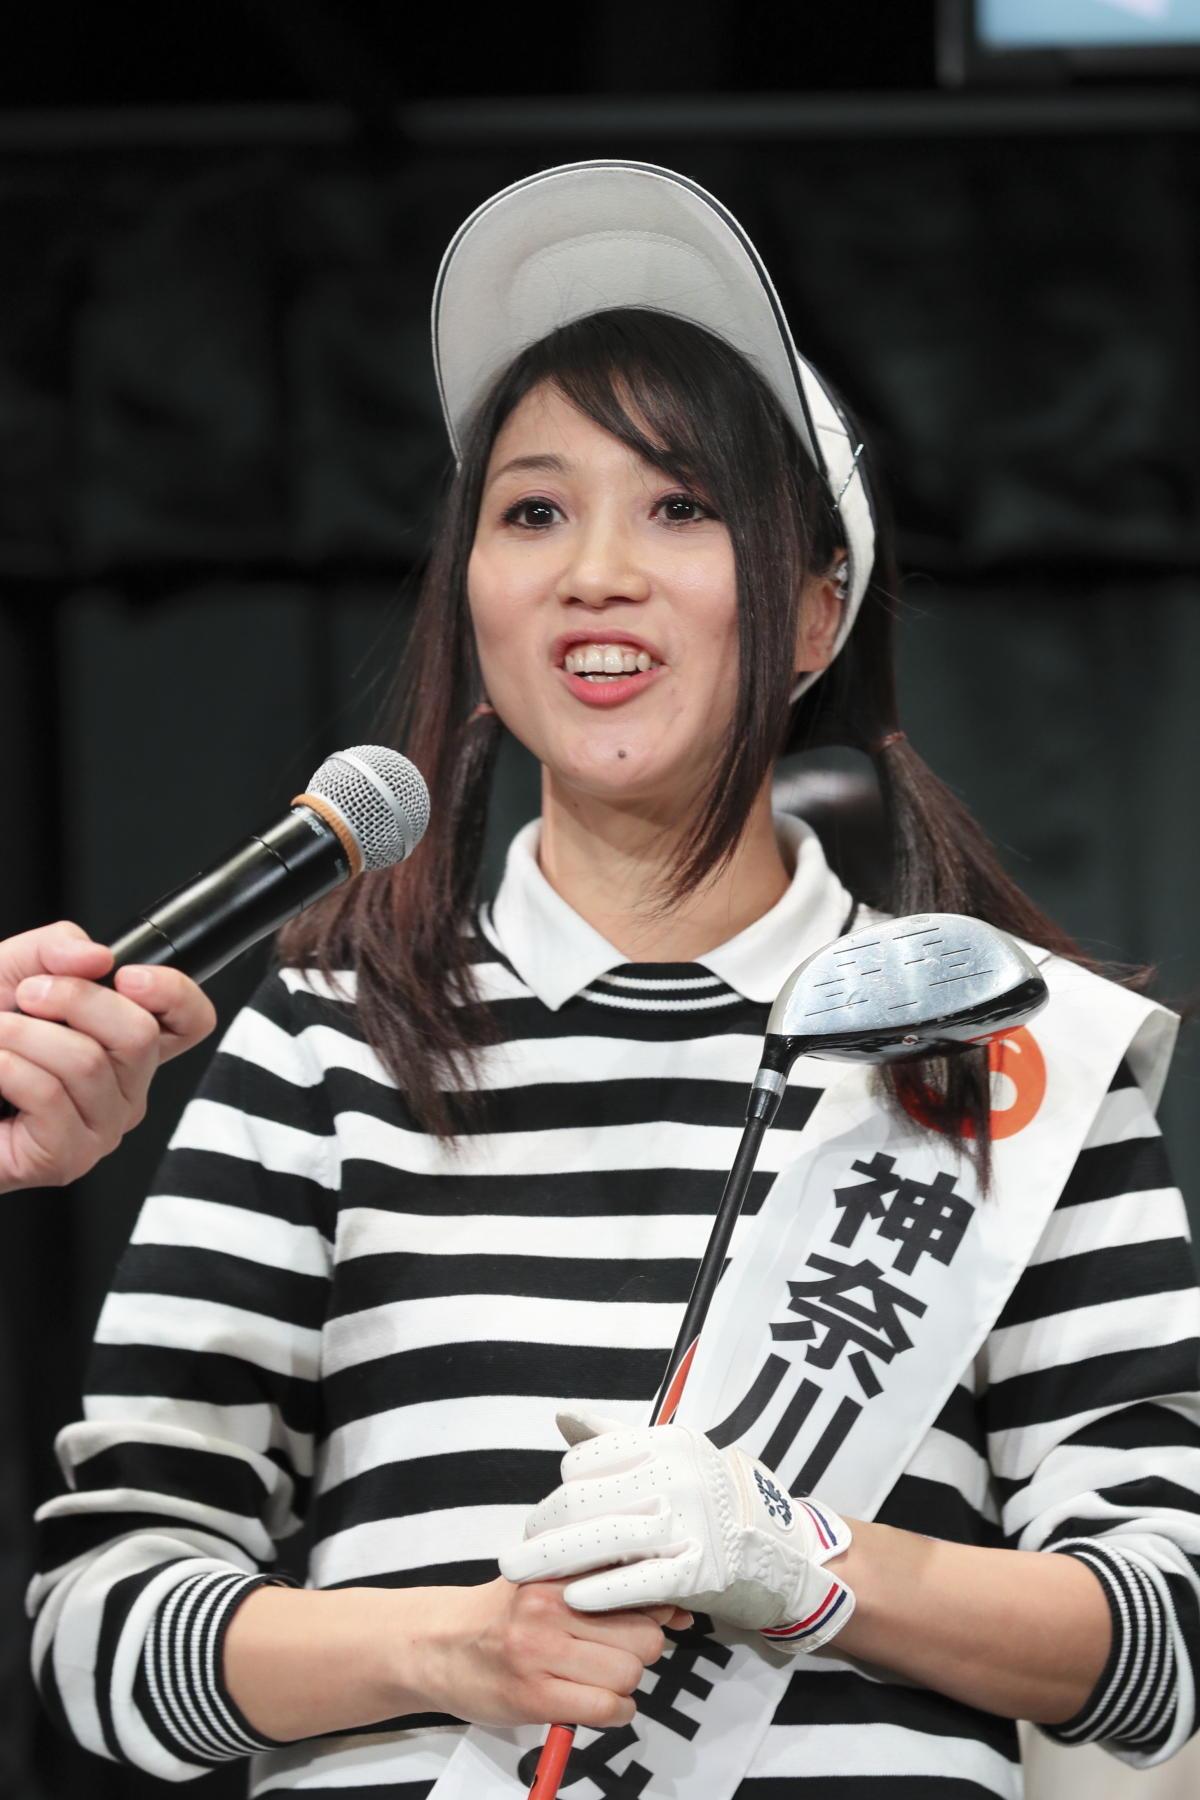 http://news.yoshimoto.co.jp/20190120185314-ce933e434b1d5d56cdcb3475e1c1b1caa2308725.jpg